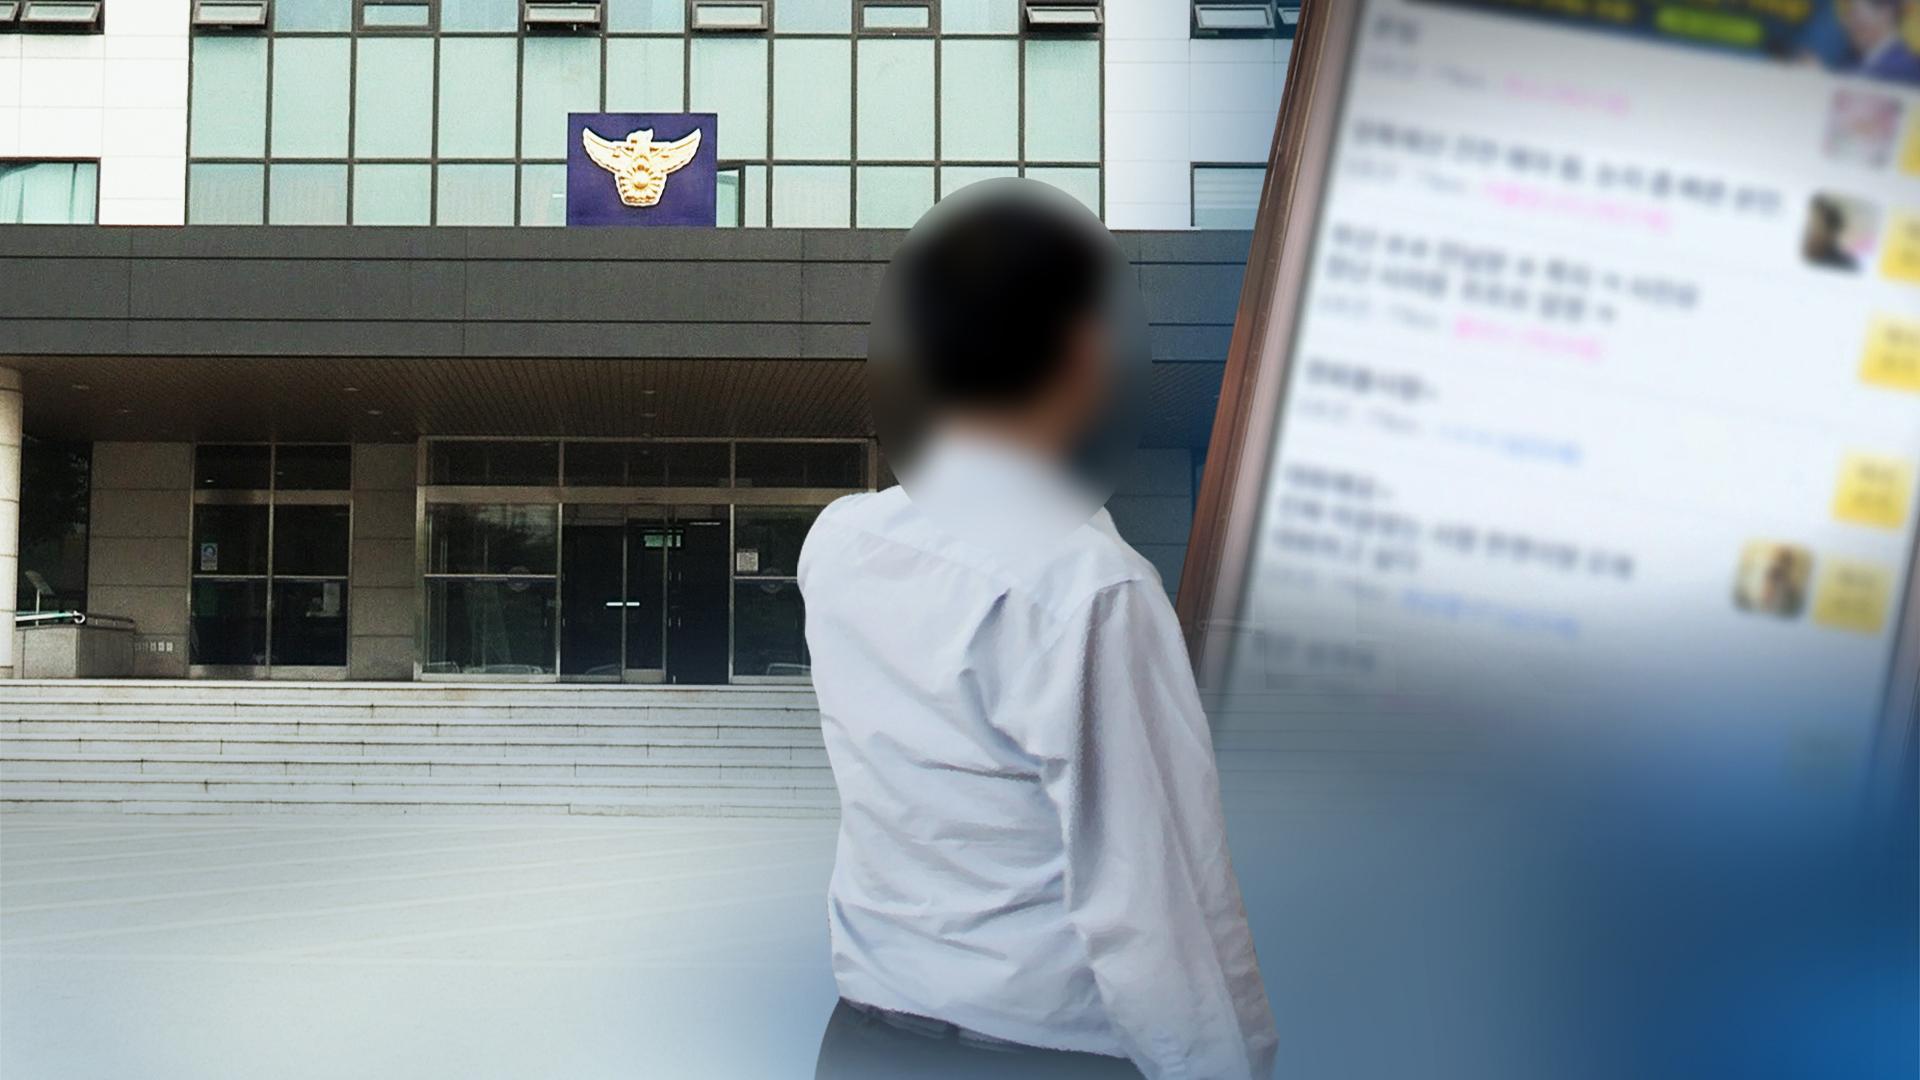 성매매 업소 운영한 경찰관, 뇌물 받고 단속정보 유출